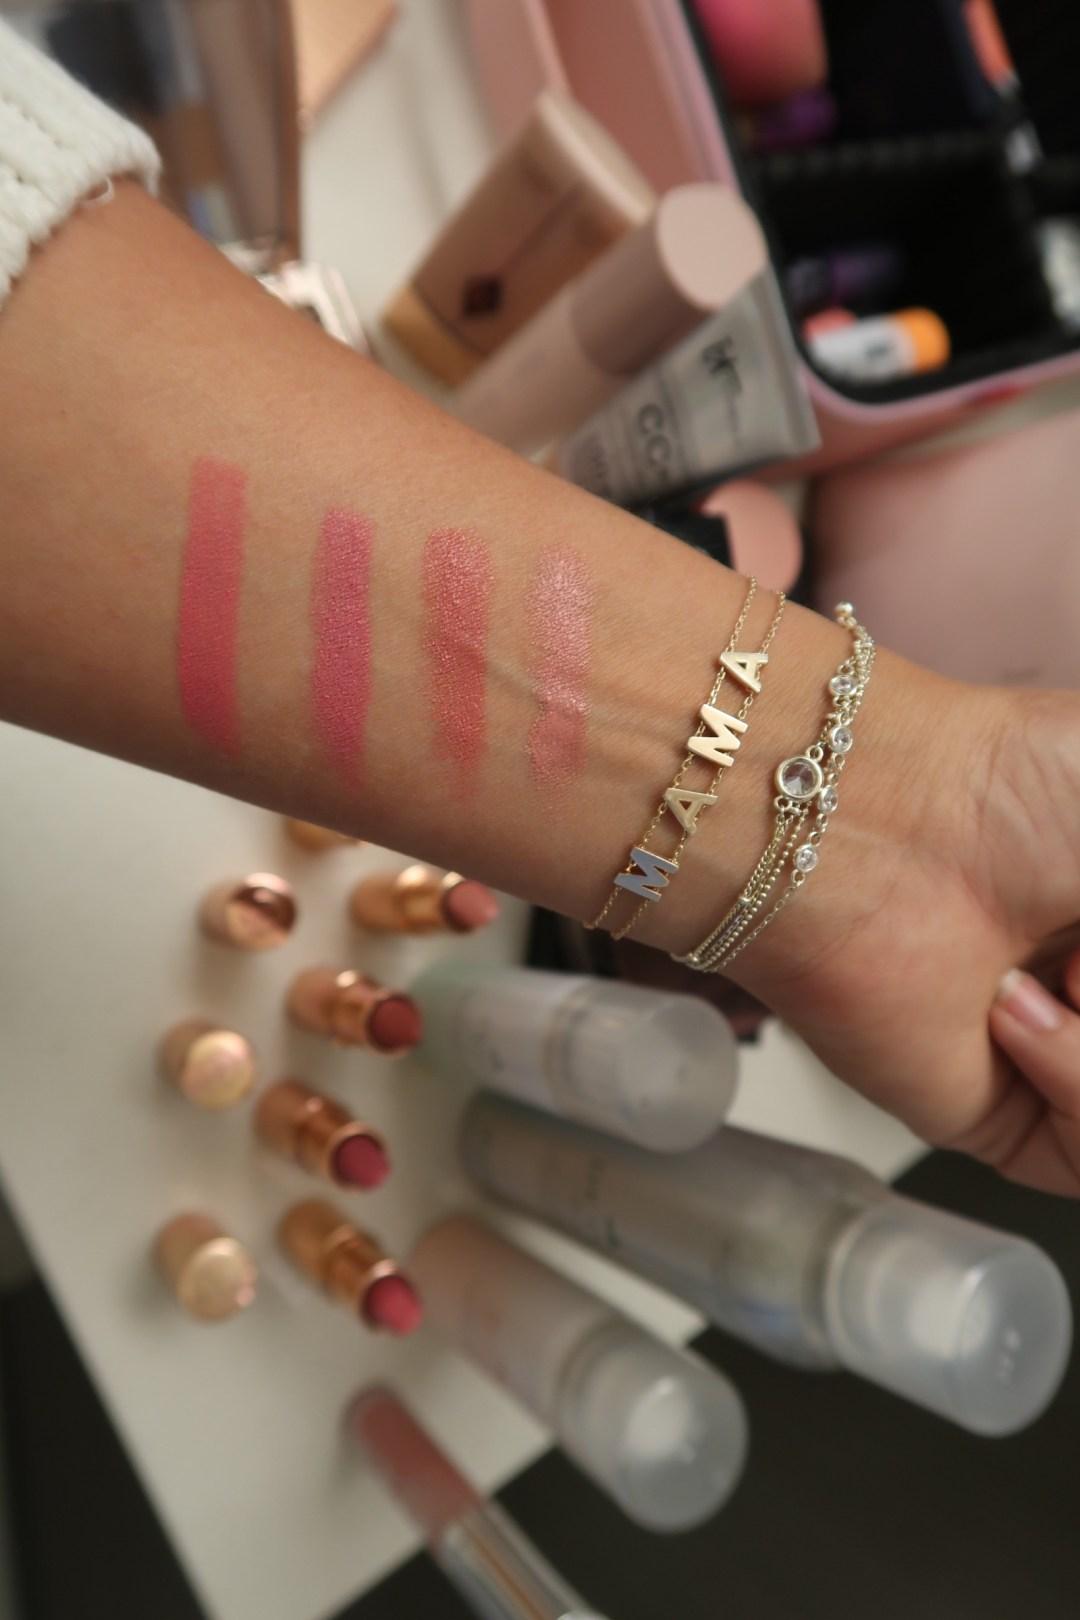 Sephora Favorites, Charlotte Tilbury, Best lipsticks